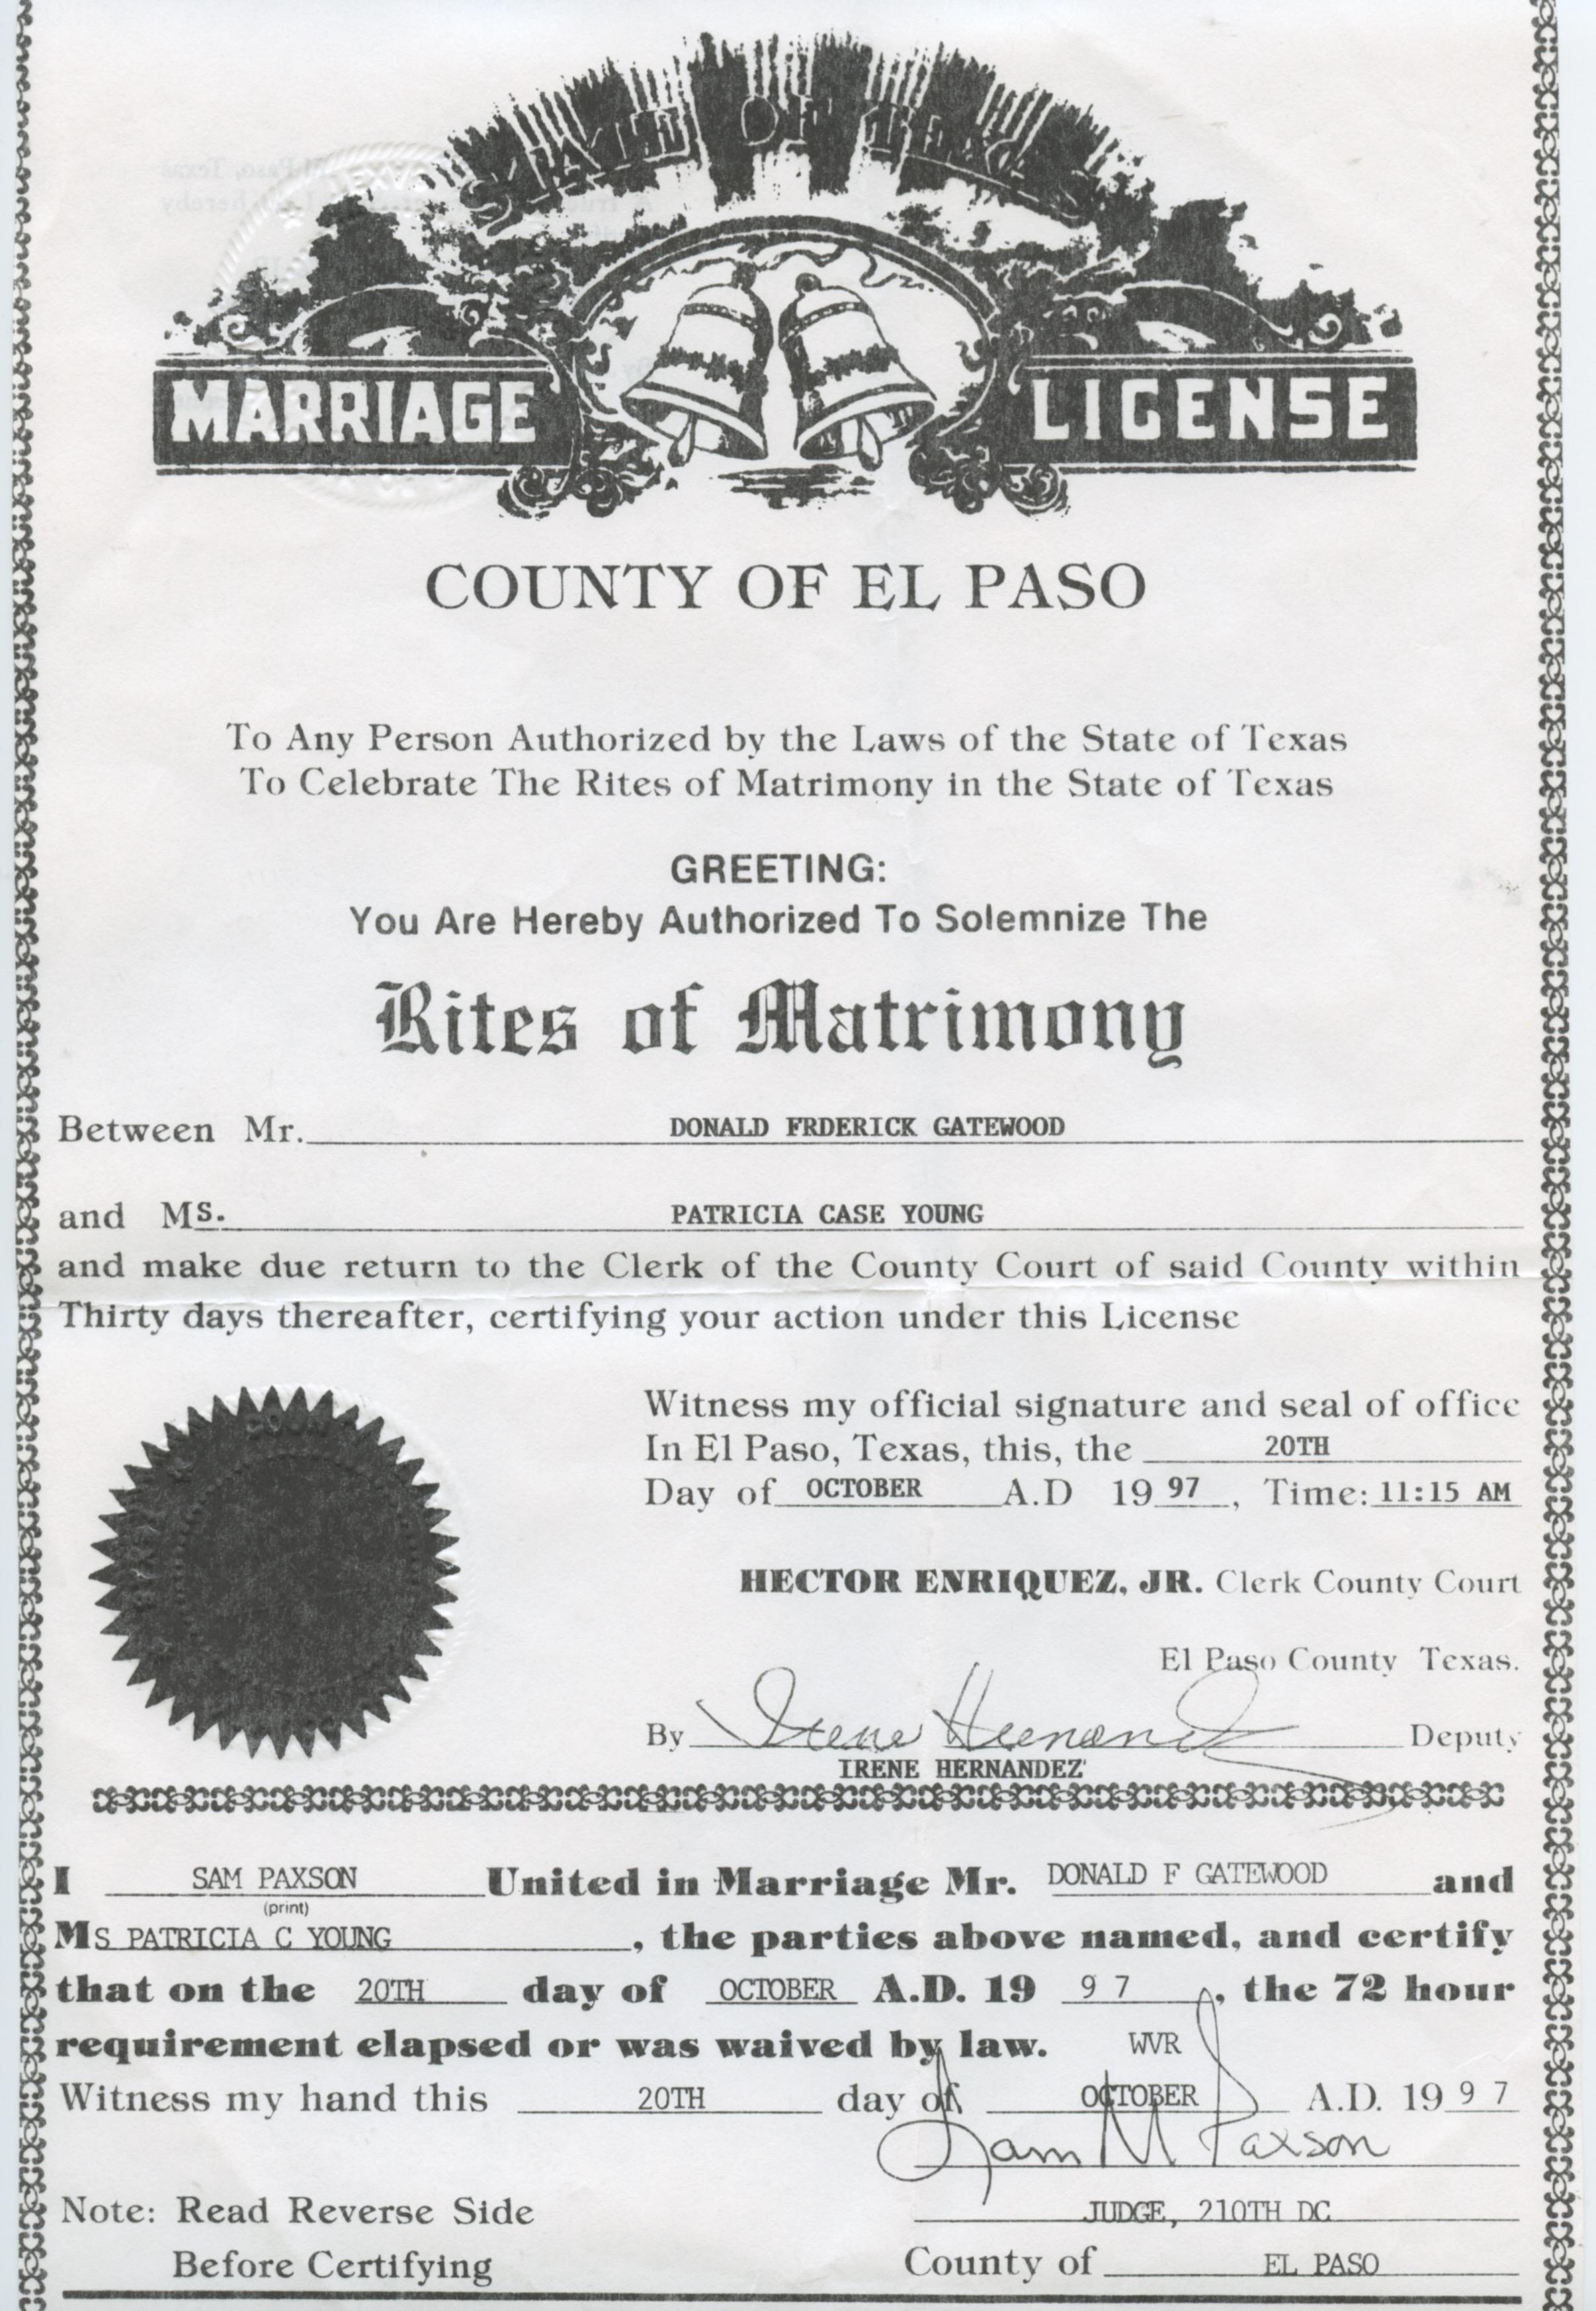 el paso texas marriage certificate